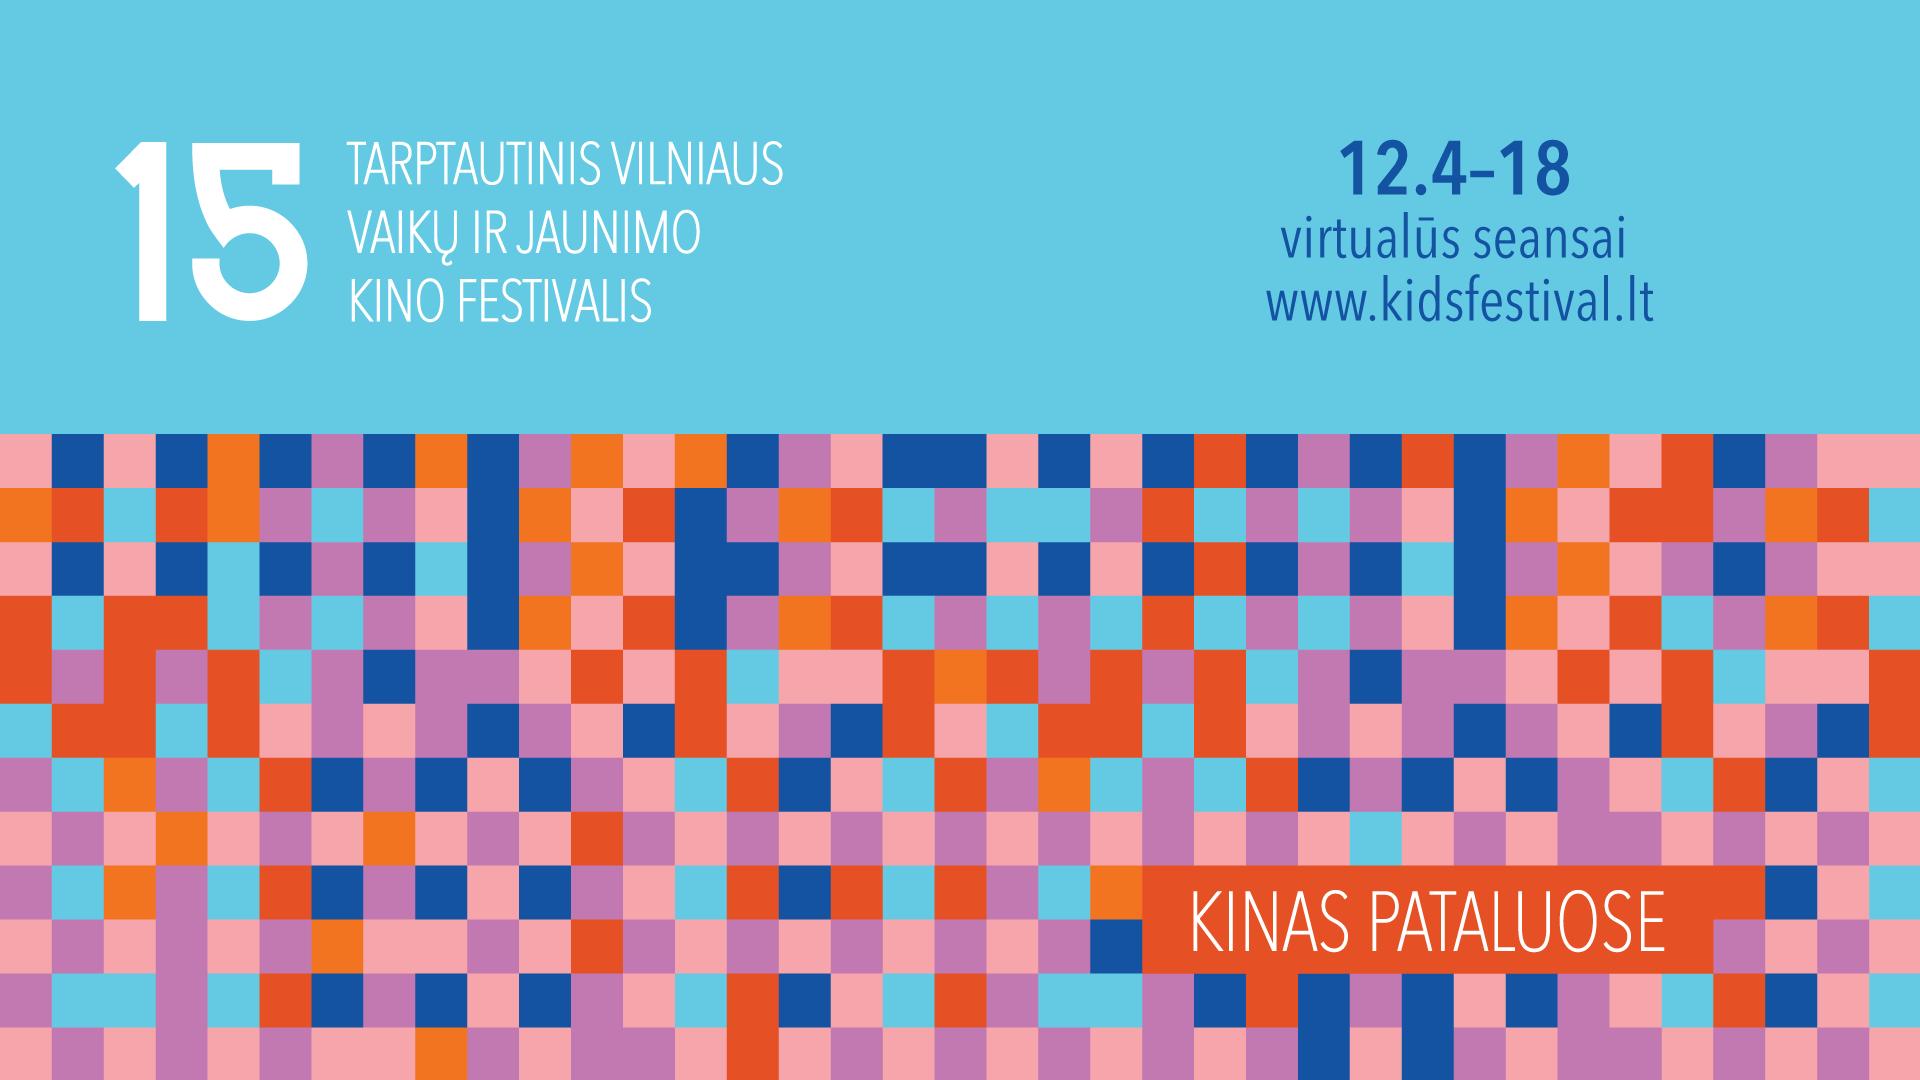 Tarptautinis Vilniaus vaikų ir jaunimo filmų festivalis